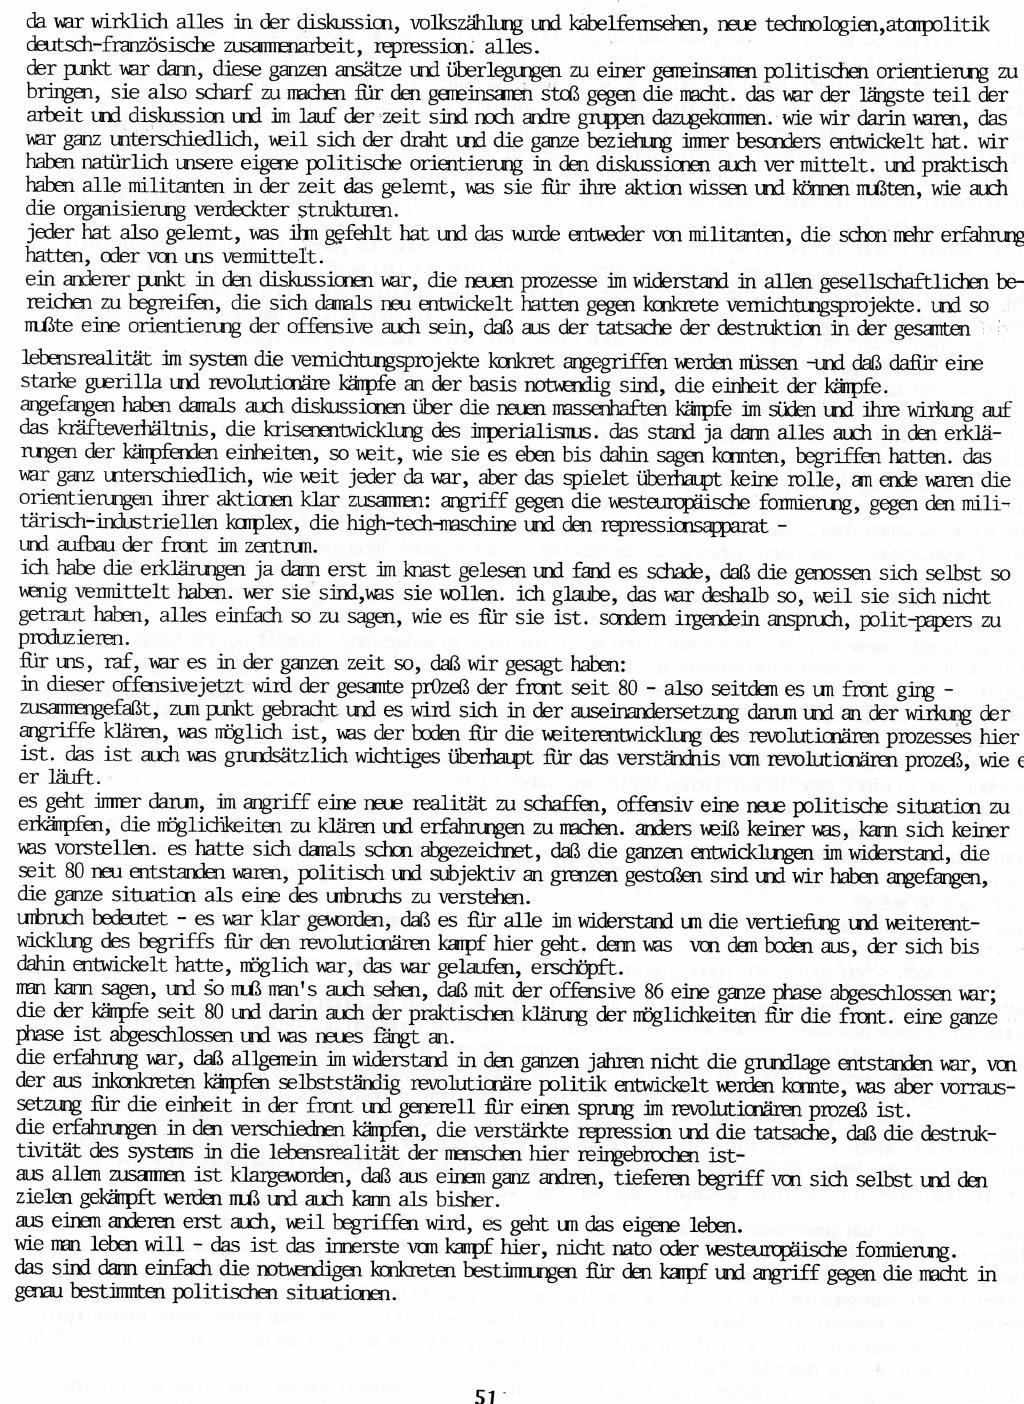 Duesseldorf_1989_Sechs_Politische_Gefangene_051